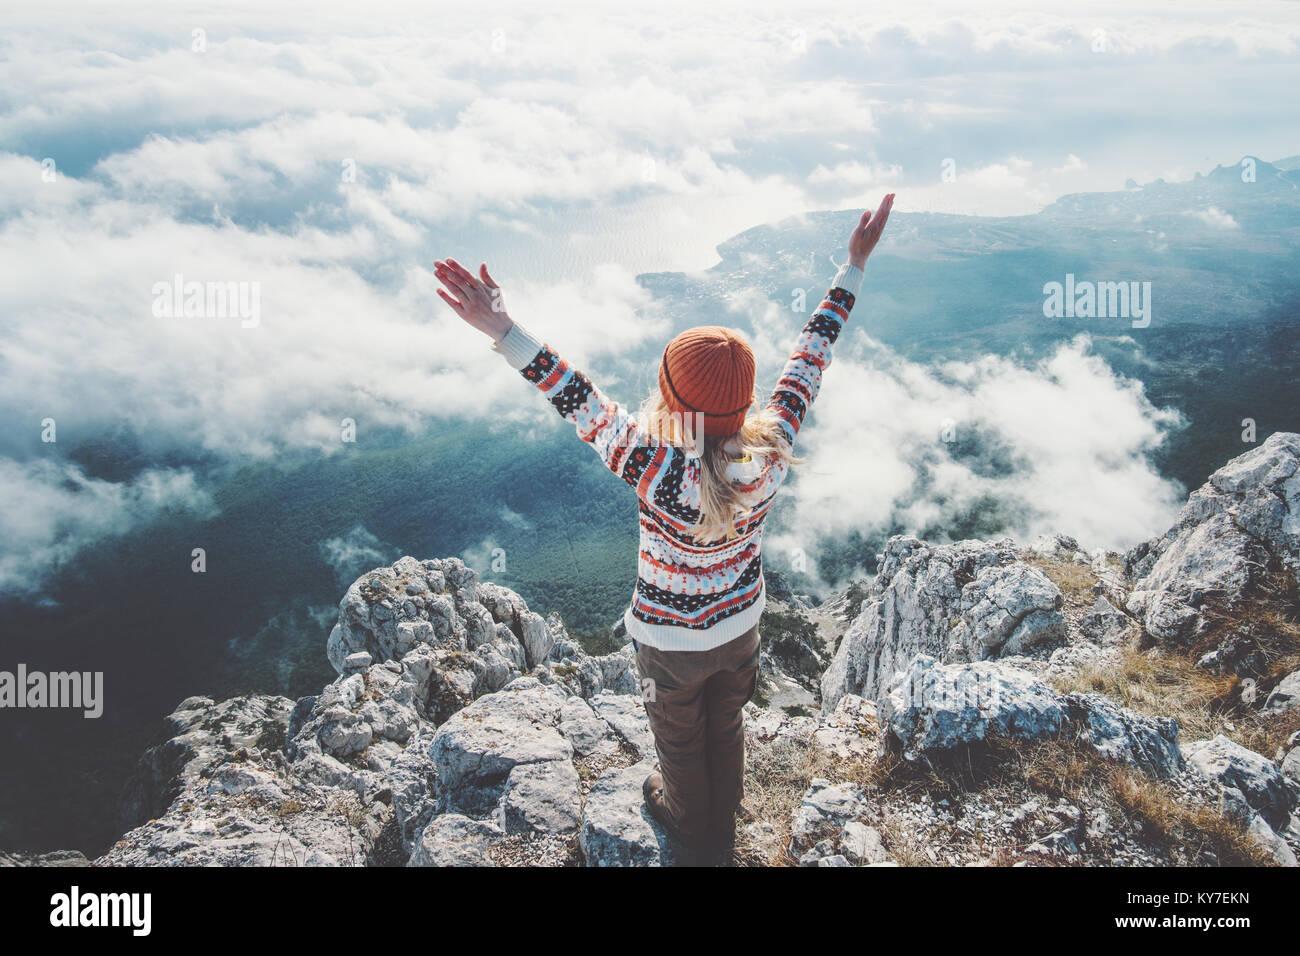 Glückliche Frau Reisenden auf Berggipfel und hob die Hand über den Wolken Reisen Lifestyle erfolg konzept Stockbild